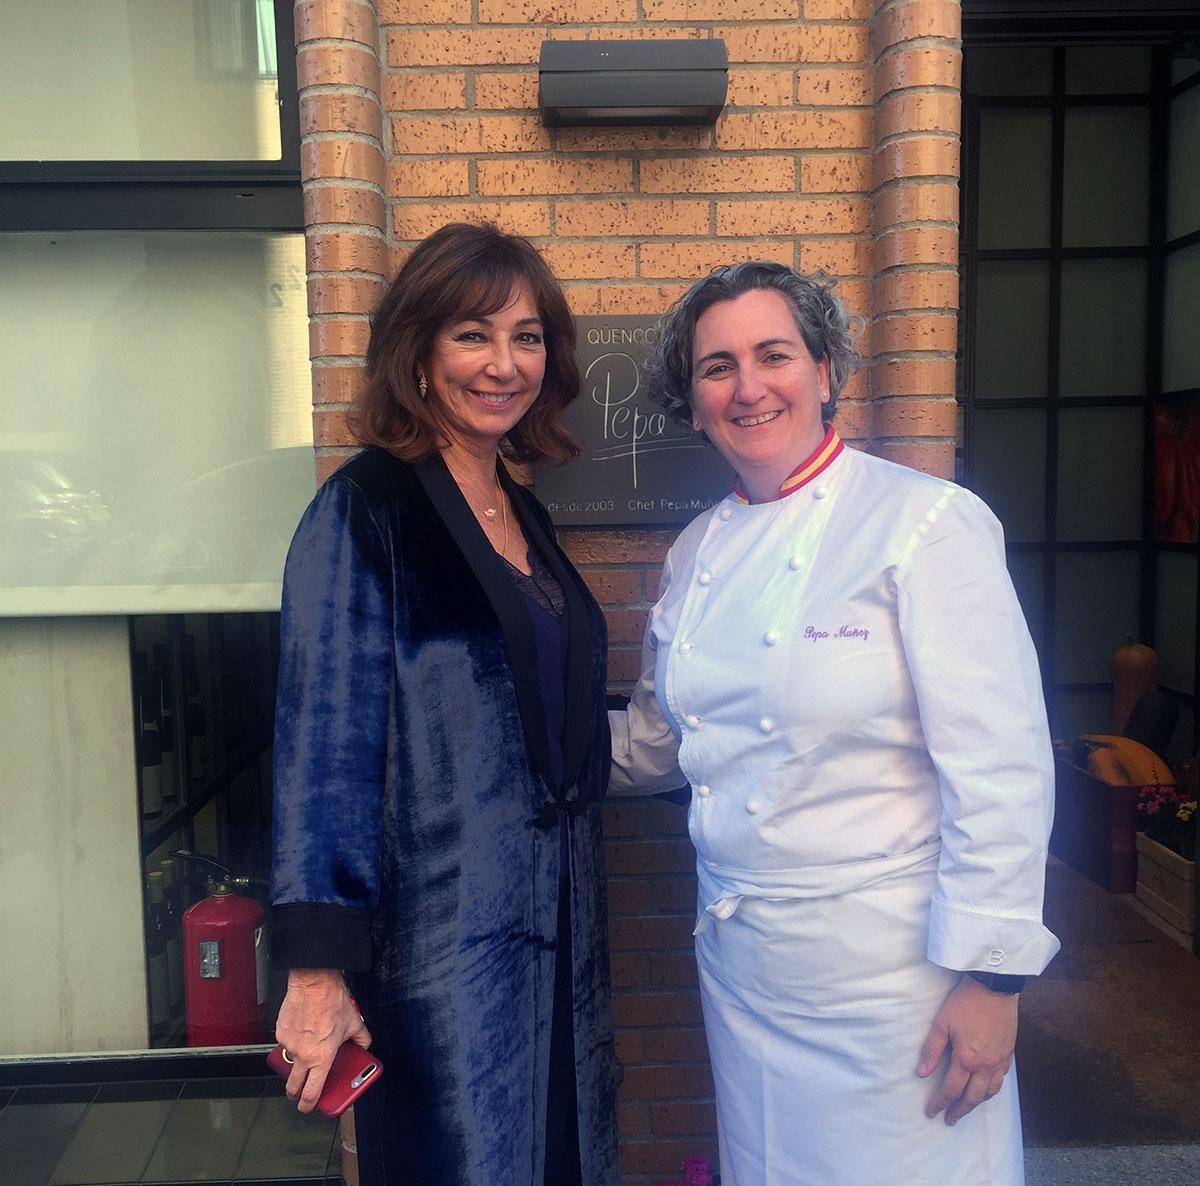 Ana Rosa Quintana y Pepa, de 'El Qüenco de Pepa'. Foto cedida por el restaurante.